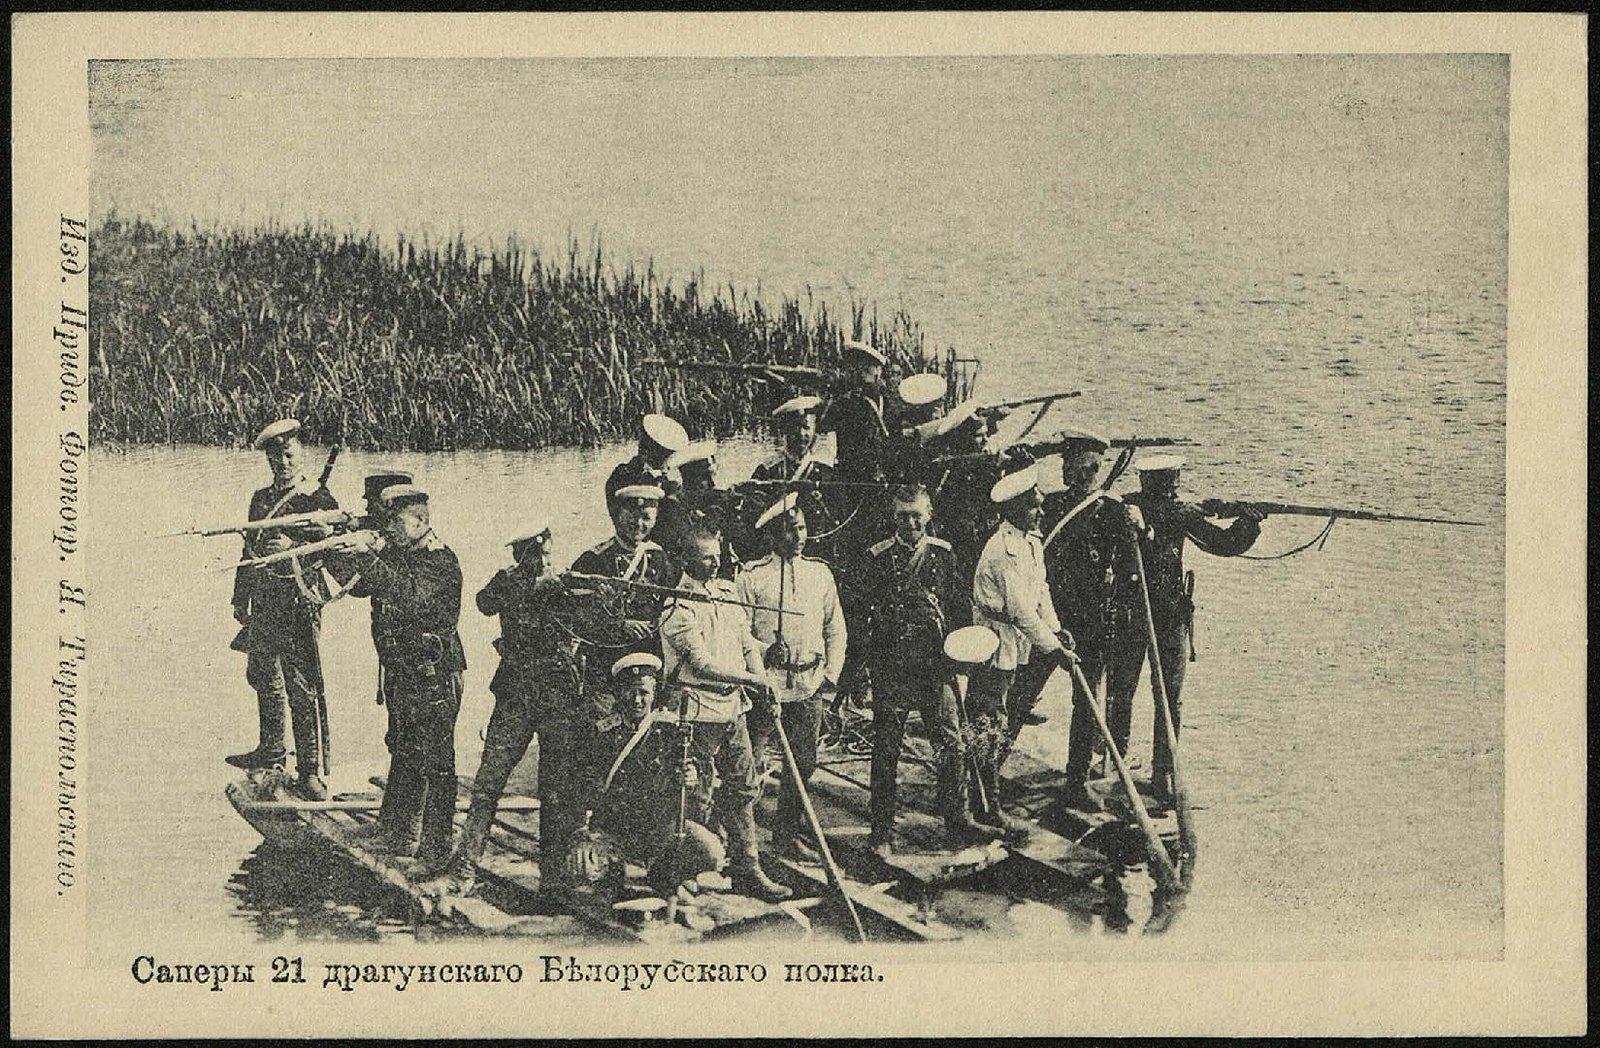 Саперы 21-го драгунского Белорусского полка